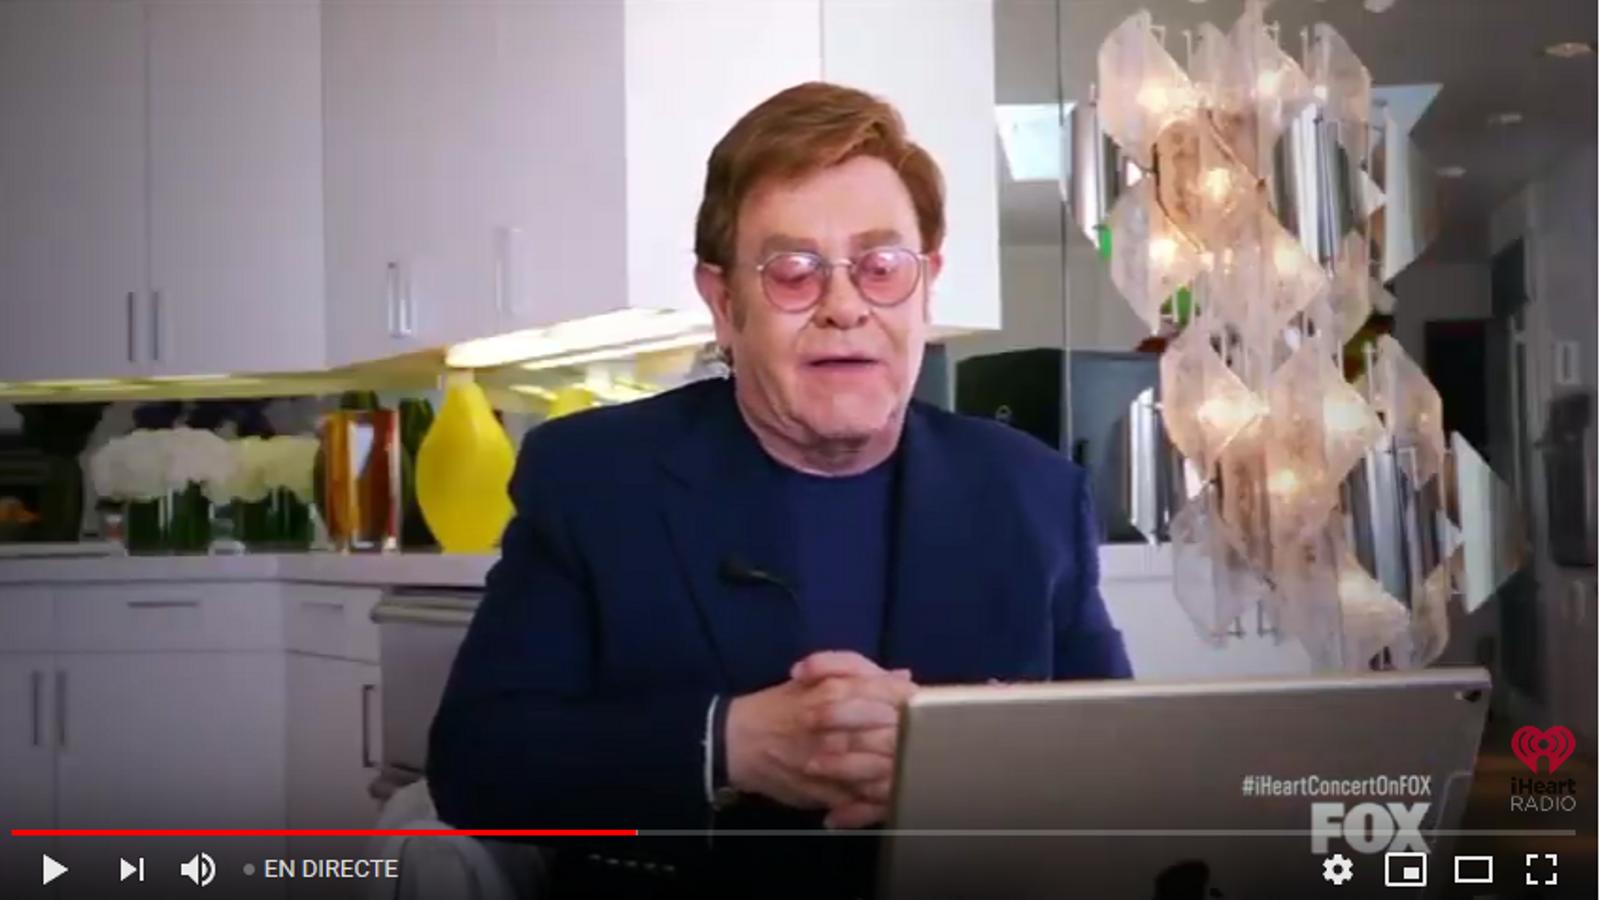 Elton John aplega músics per ajudar en la lluita contra el covid-19